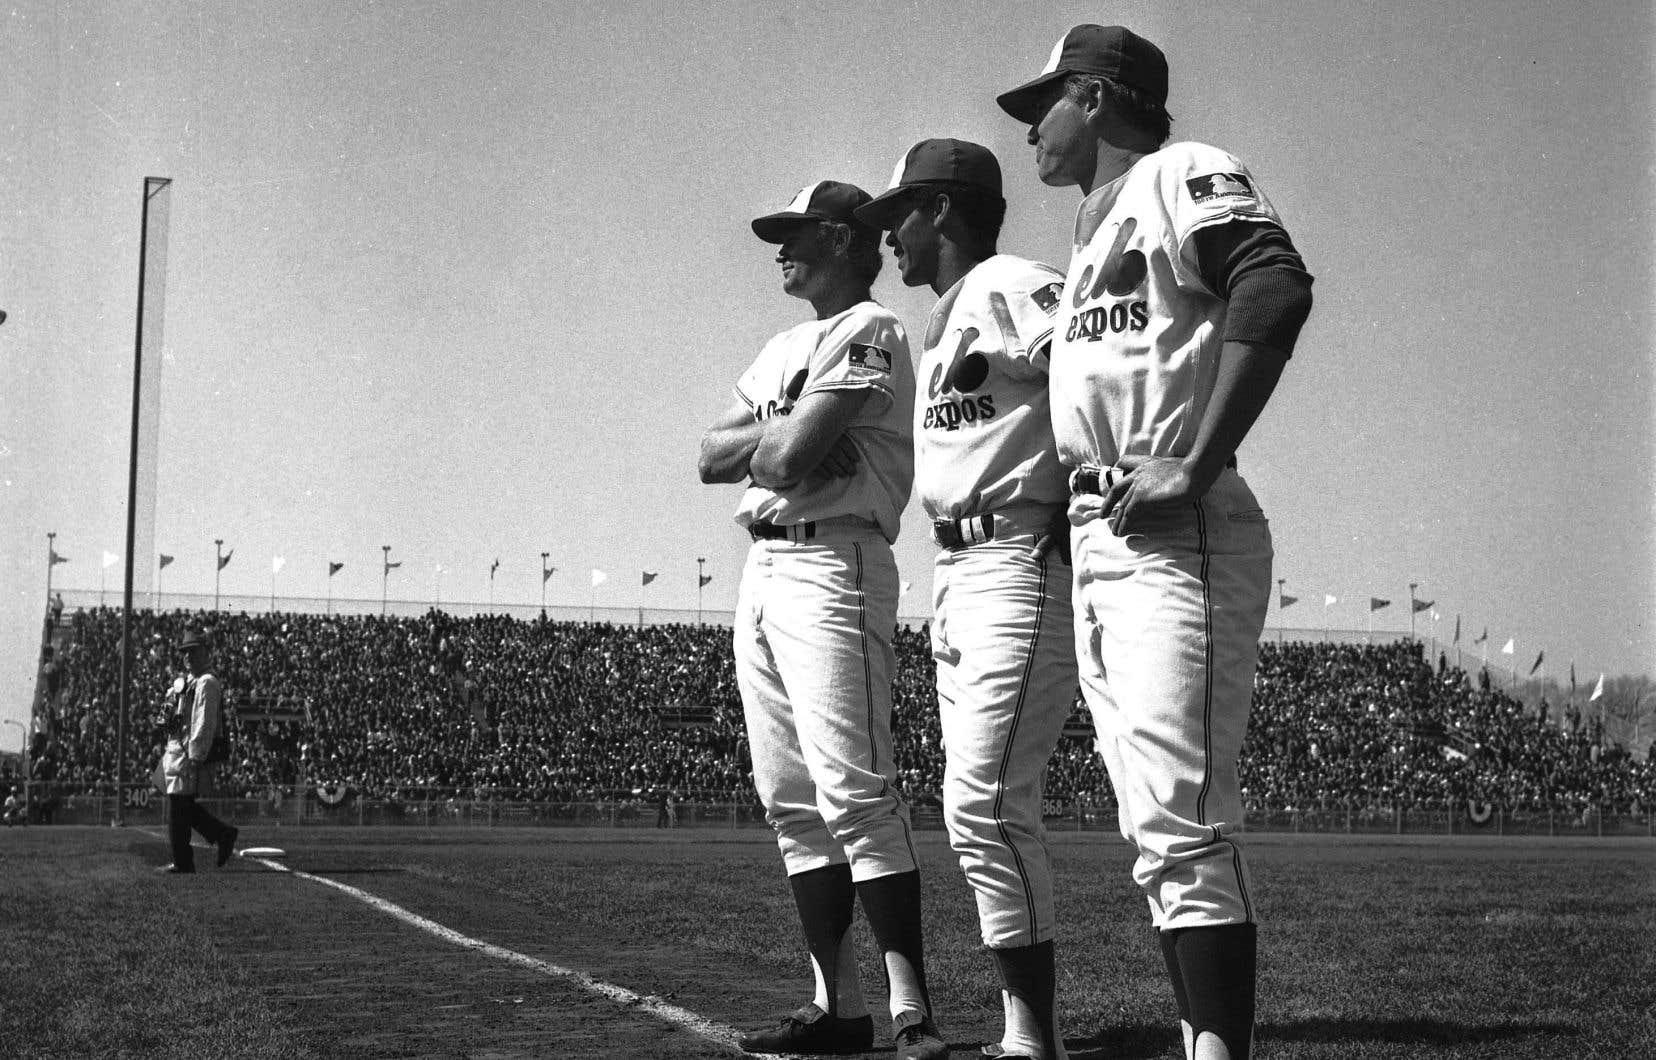 Le 14avril 1969, lors de la première partie des Expos à Montréal, au stade Jarry. Sur la photo, on reconnaît Rusty Staub (10), Maury Wills (30) et Mike Wegener (24).